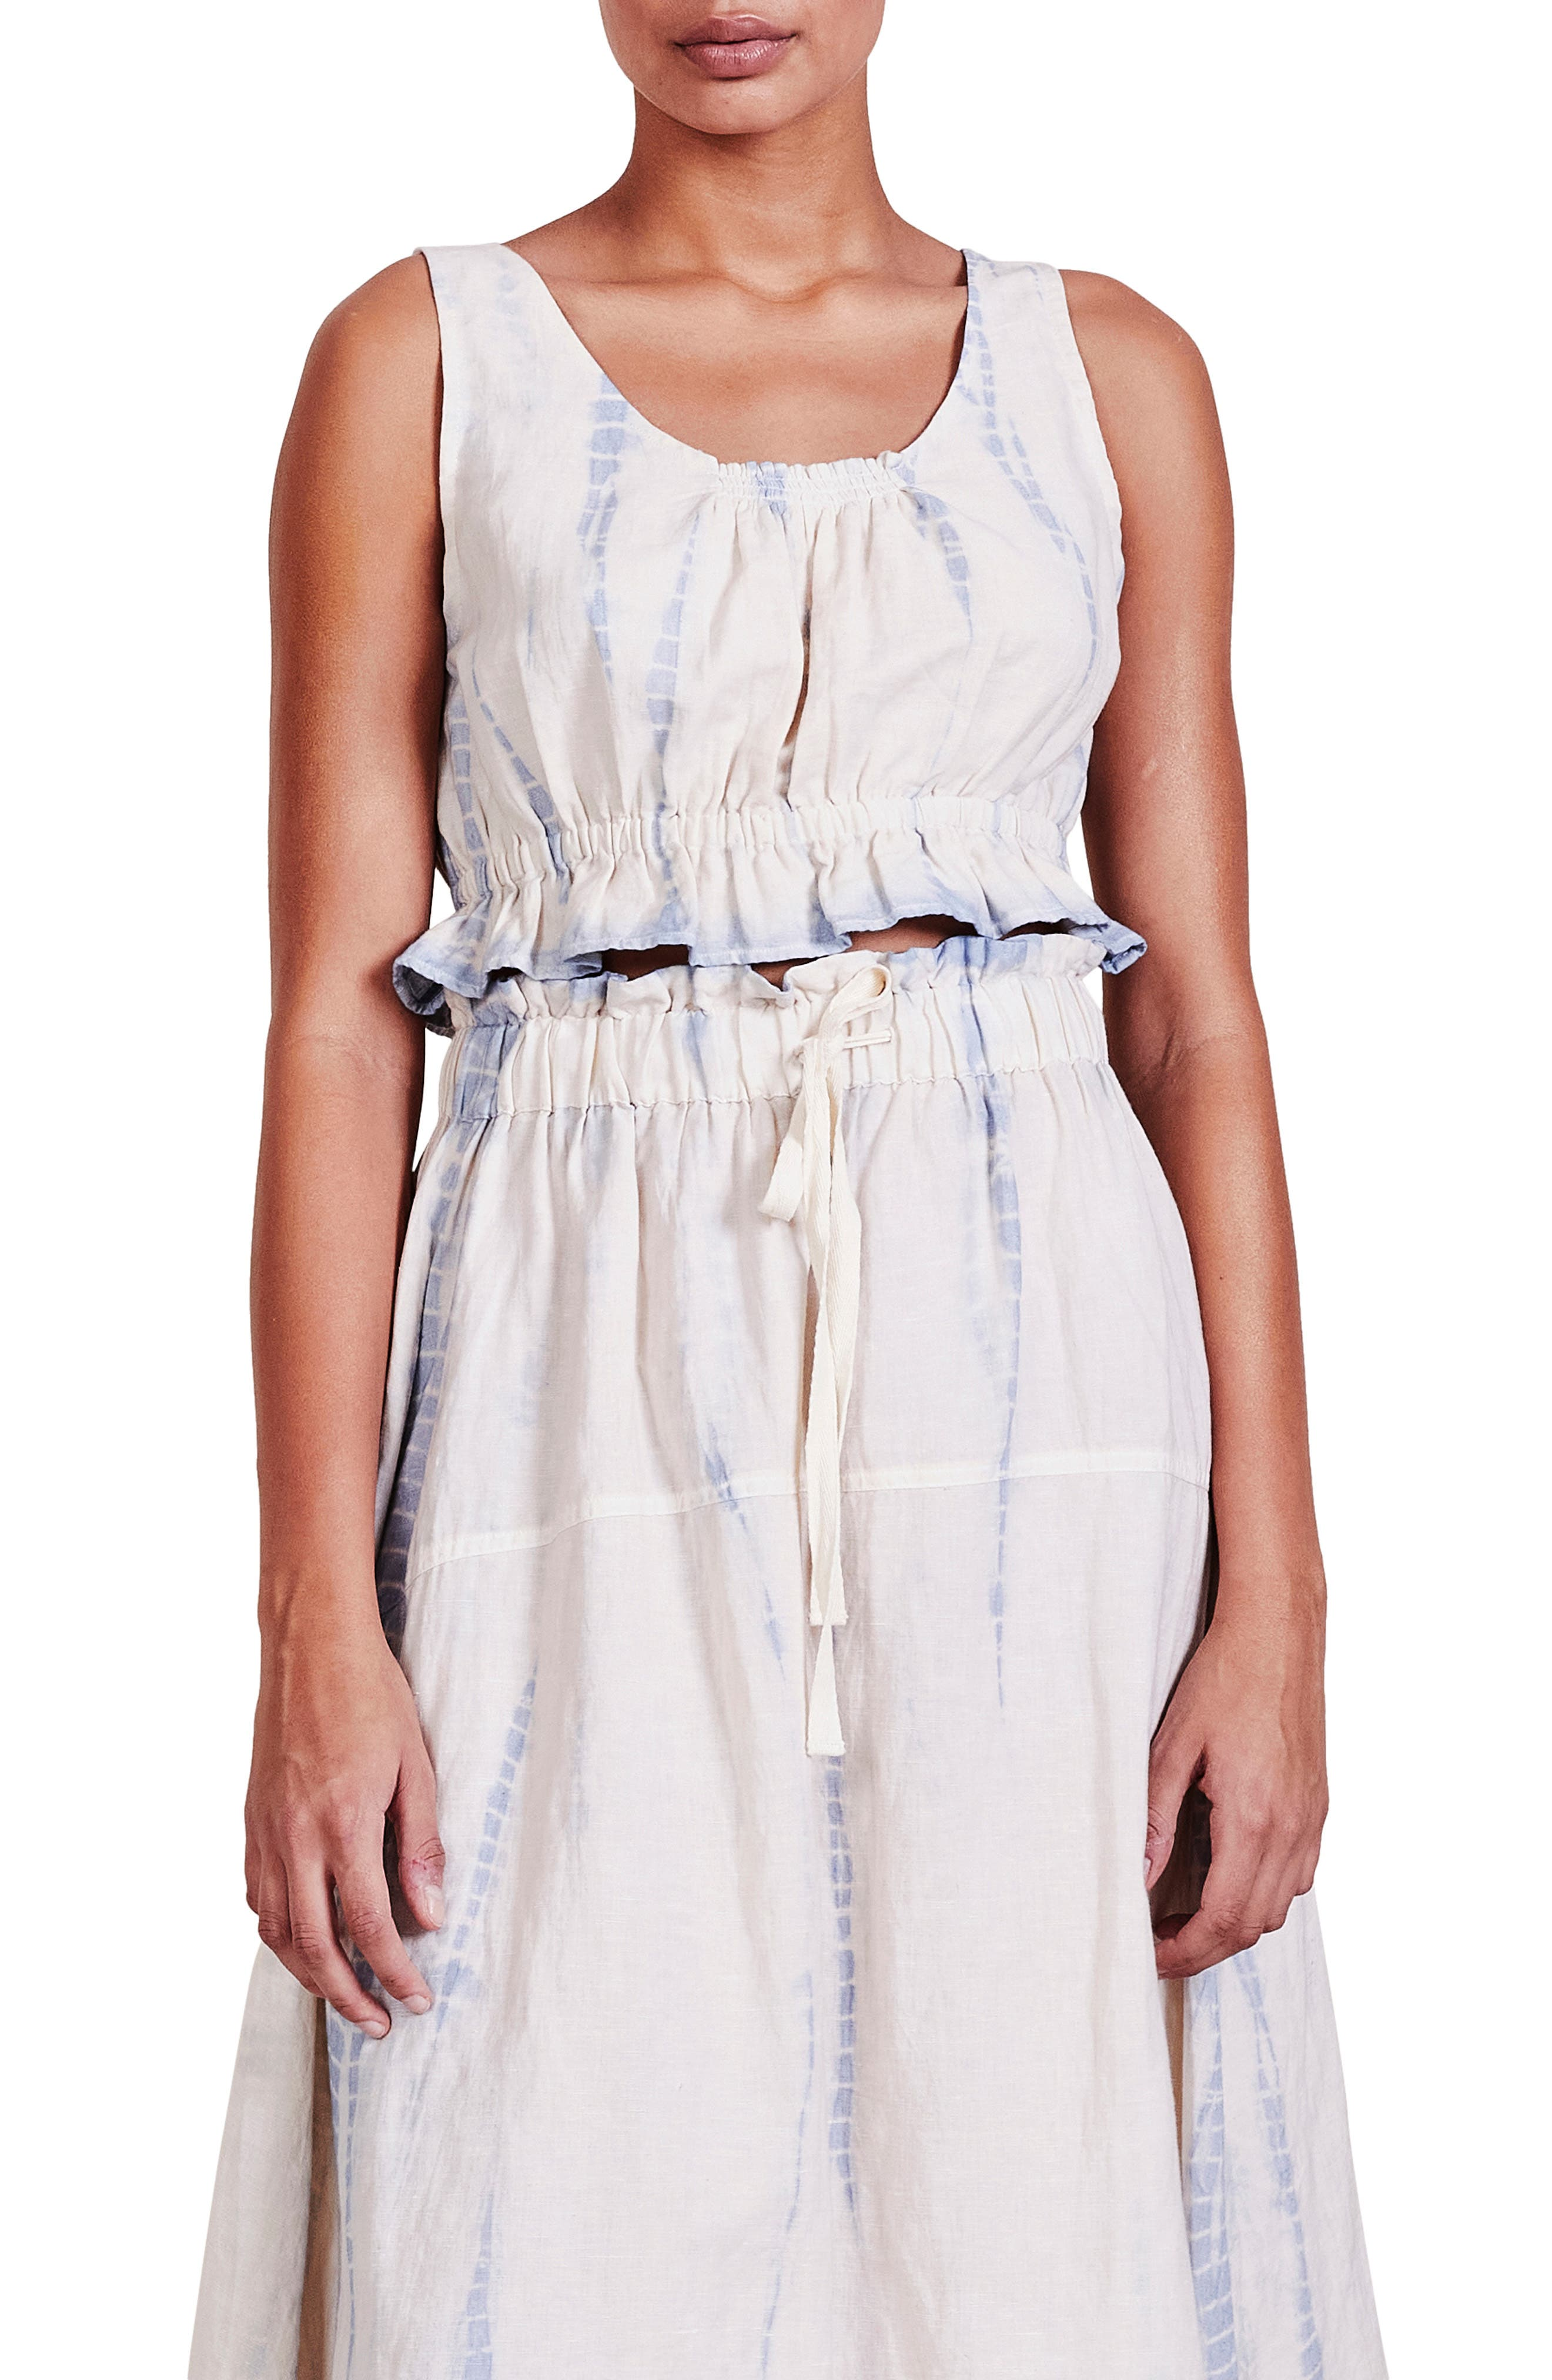 Pais Cotton & Linen Crop Top